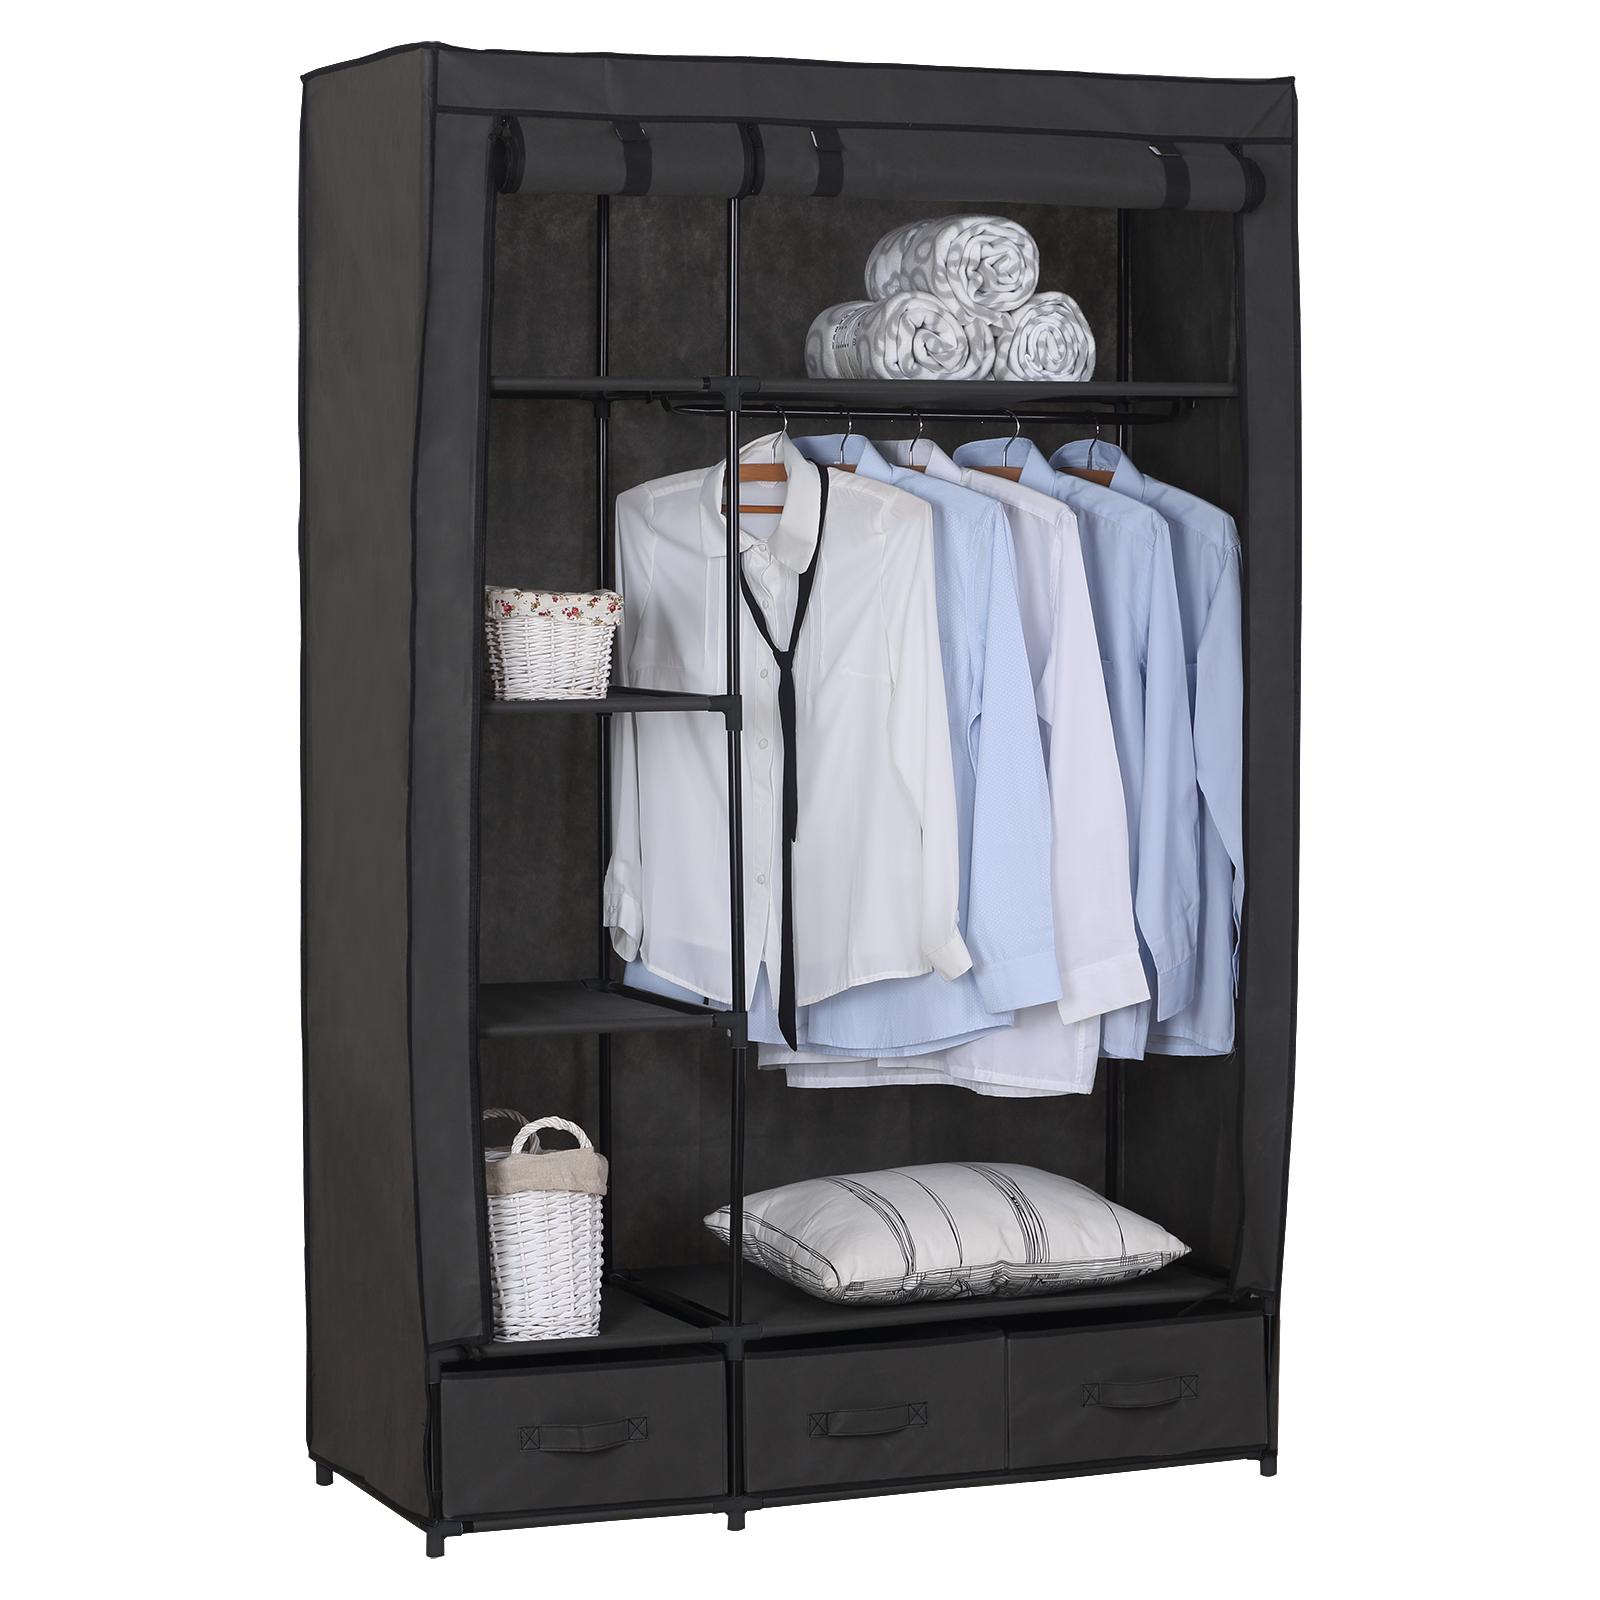 kleiderschrank garderobenschrank faltschrank camping stoff xxl klein grau 173 2 ebay. Black Bedroom Furniture Sets. Home Design Ideas